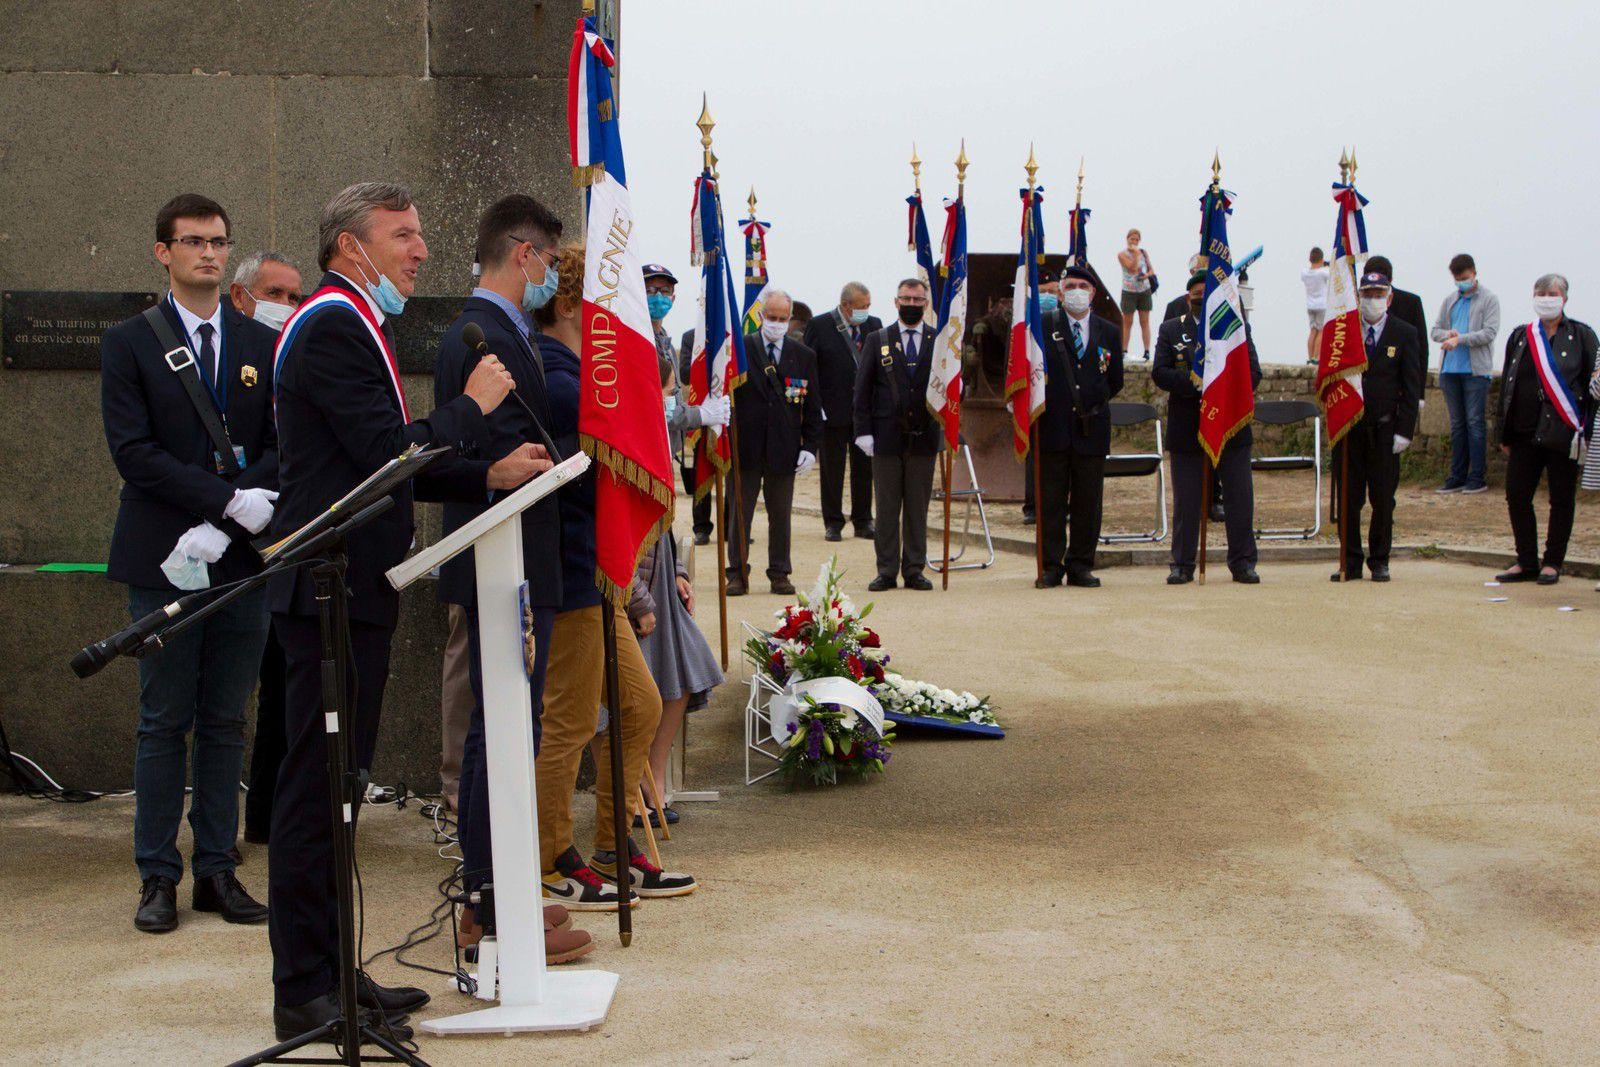 12 août 2020 - M. Didier Le Gac, député du Finistère